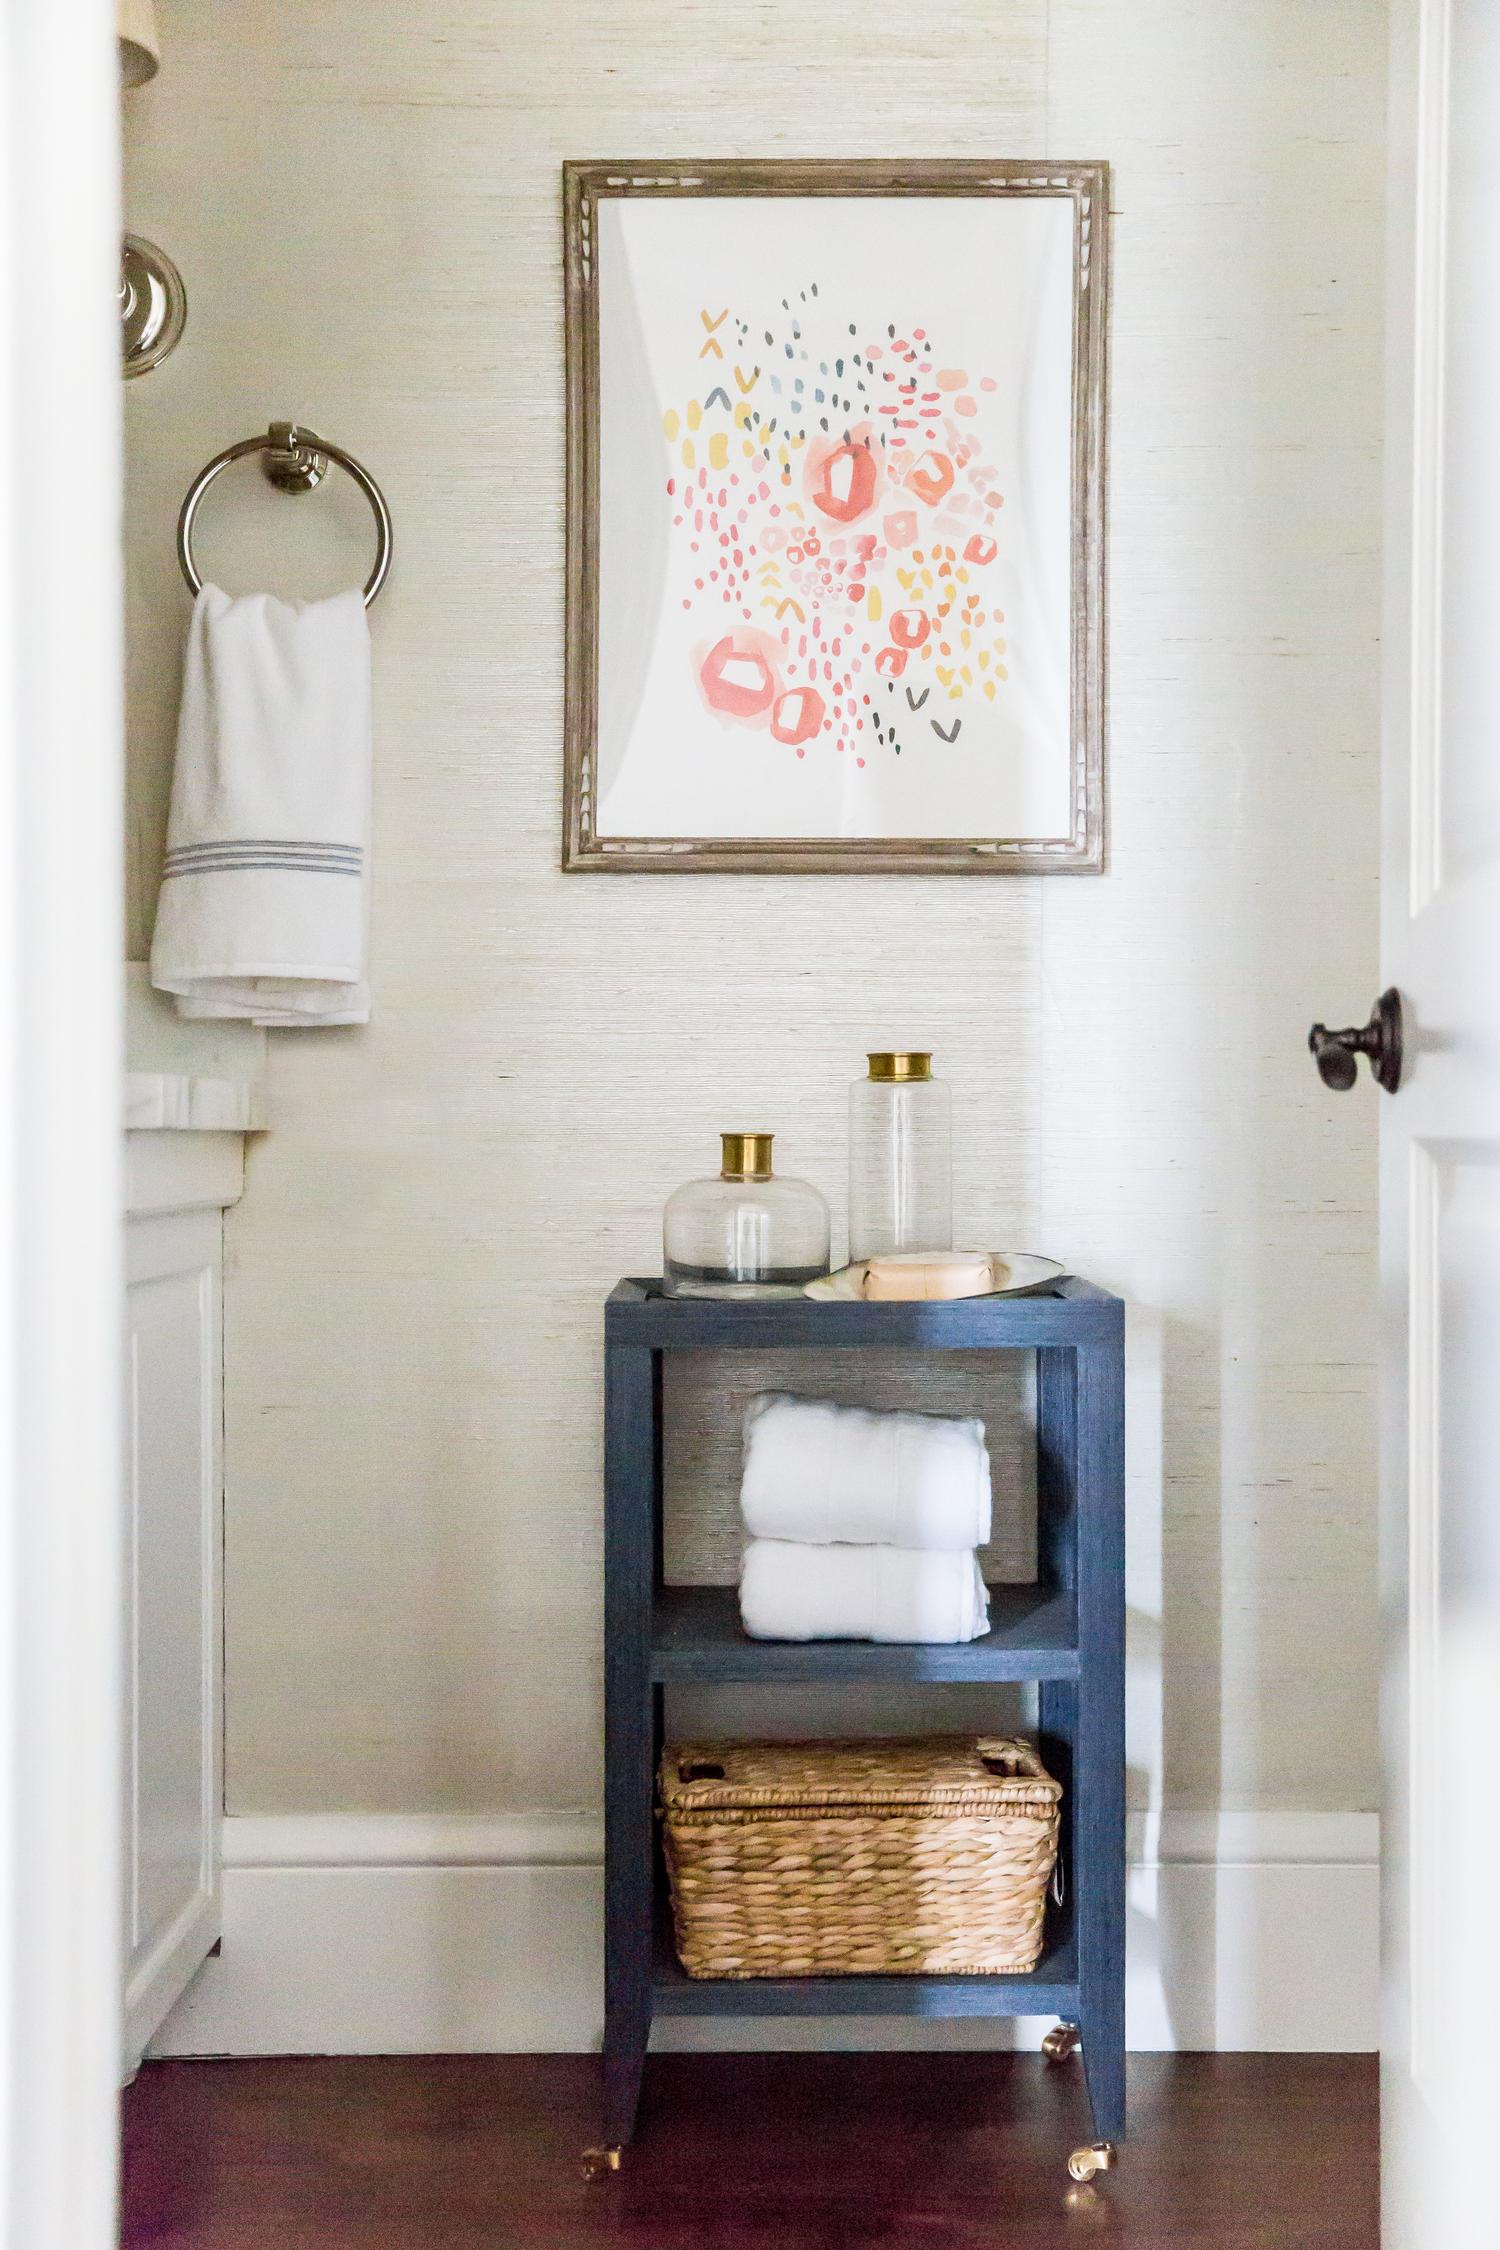 Small blue bathroom shelves beside toilet